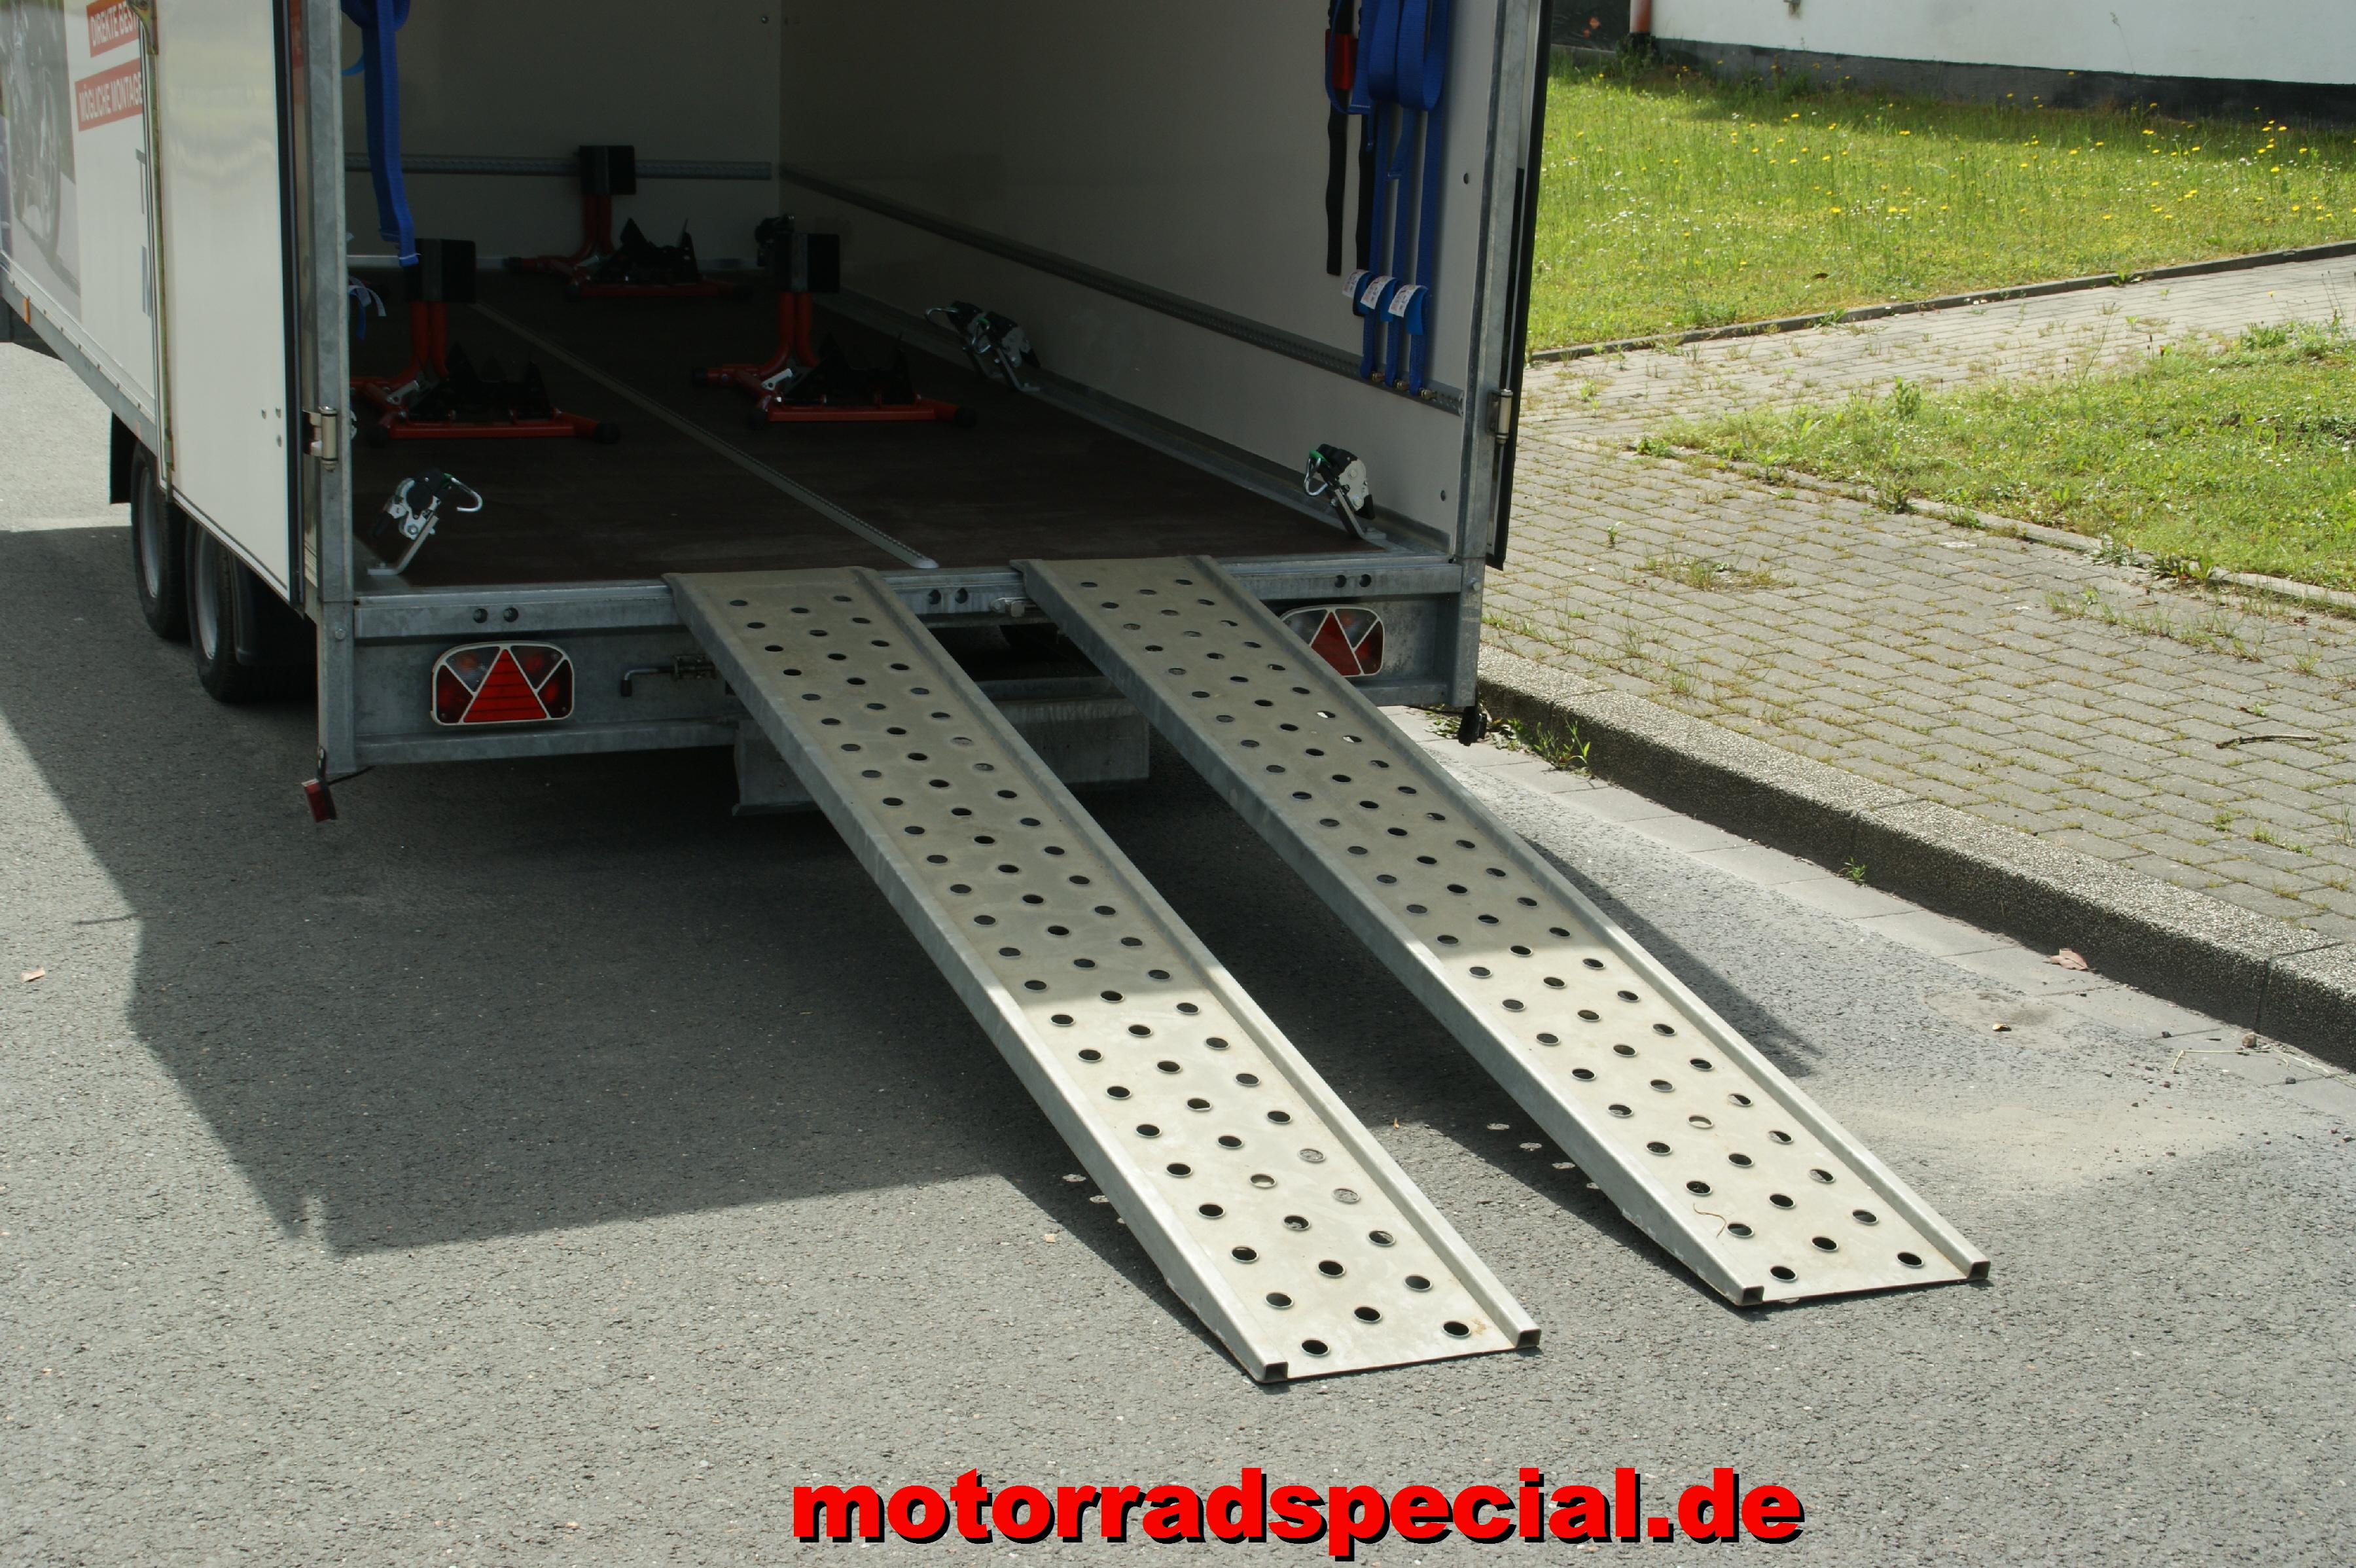 Motorrad Special_Leihänger_3